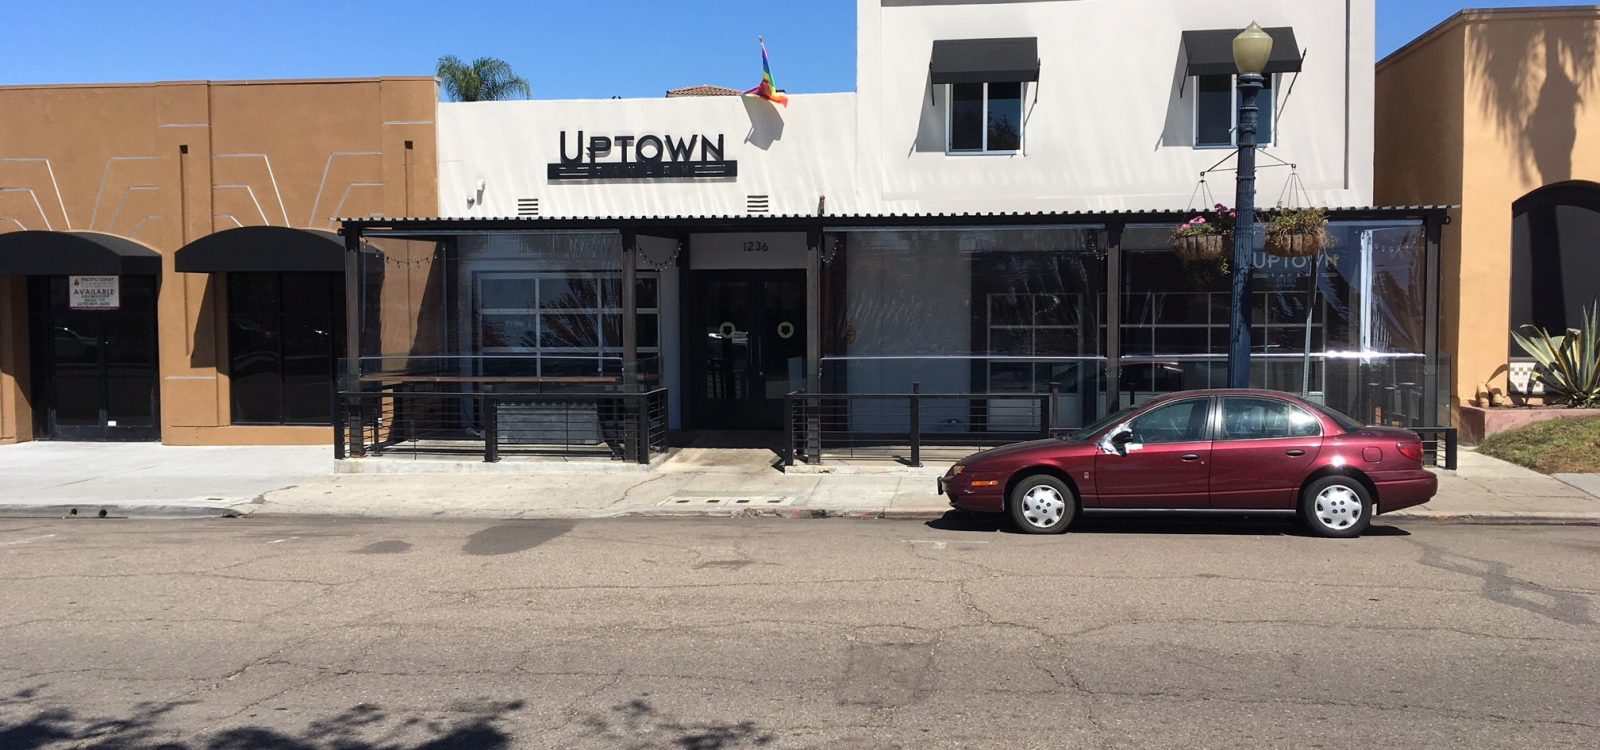 UpTown Tavern 8